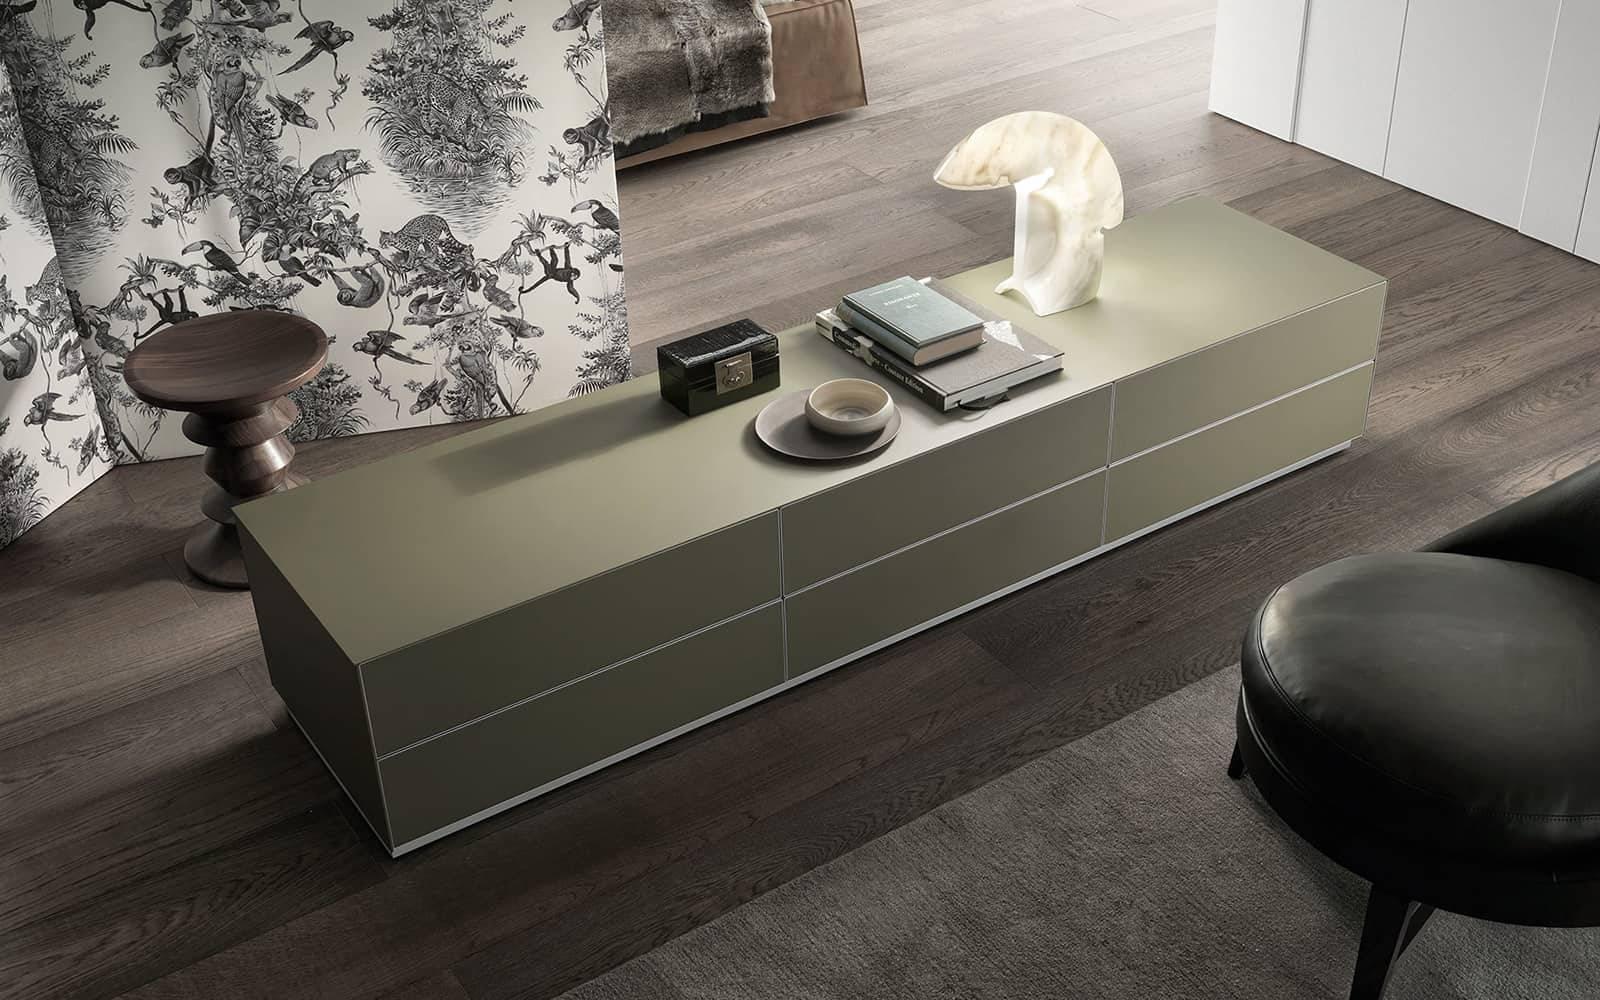 design lage ladenkast slaapkamer rimadesio self